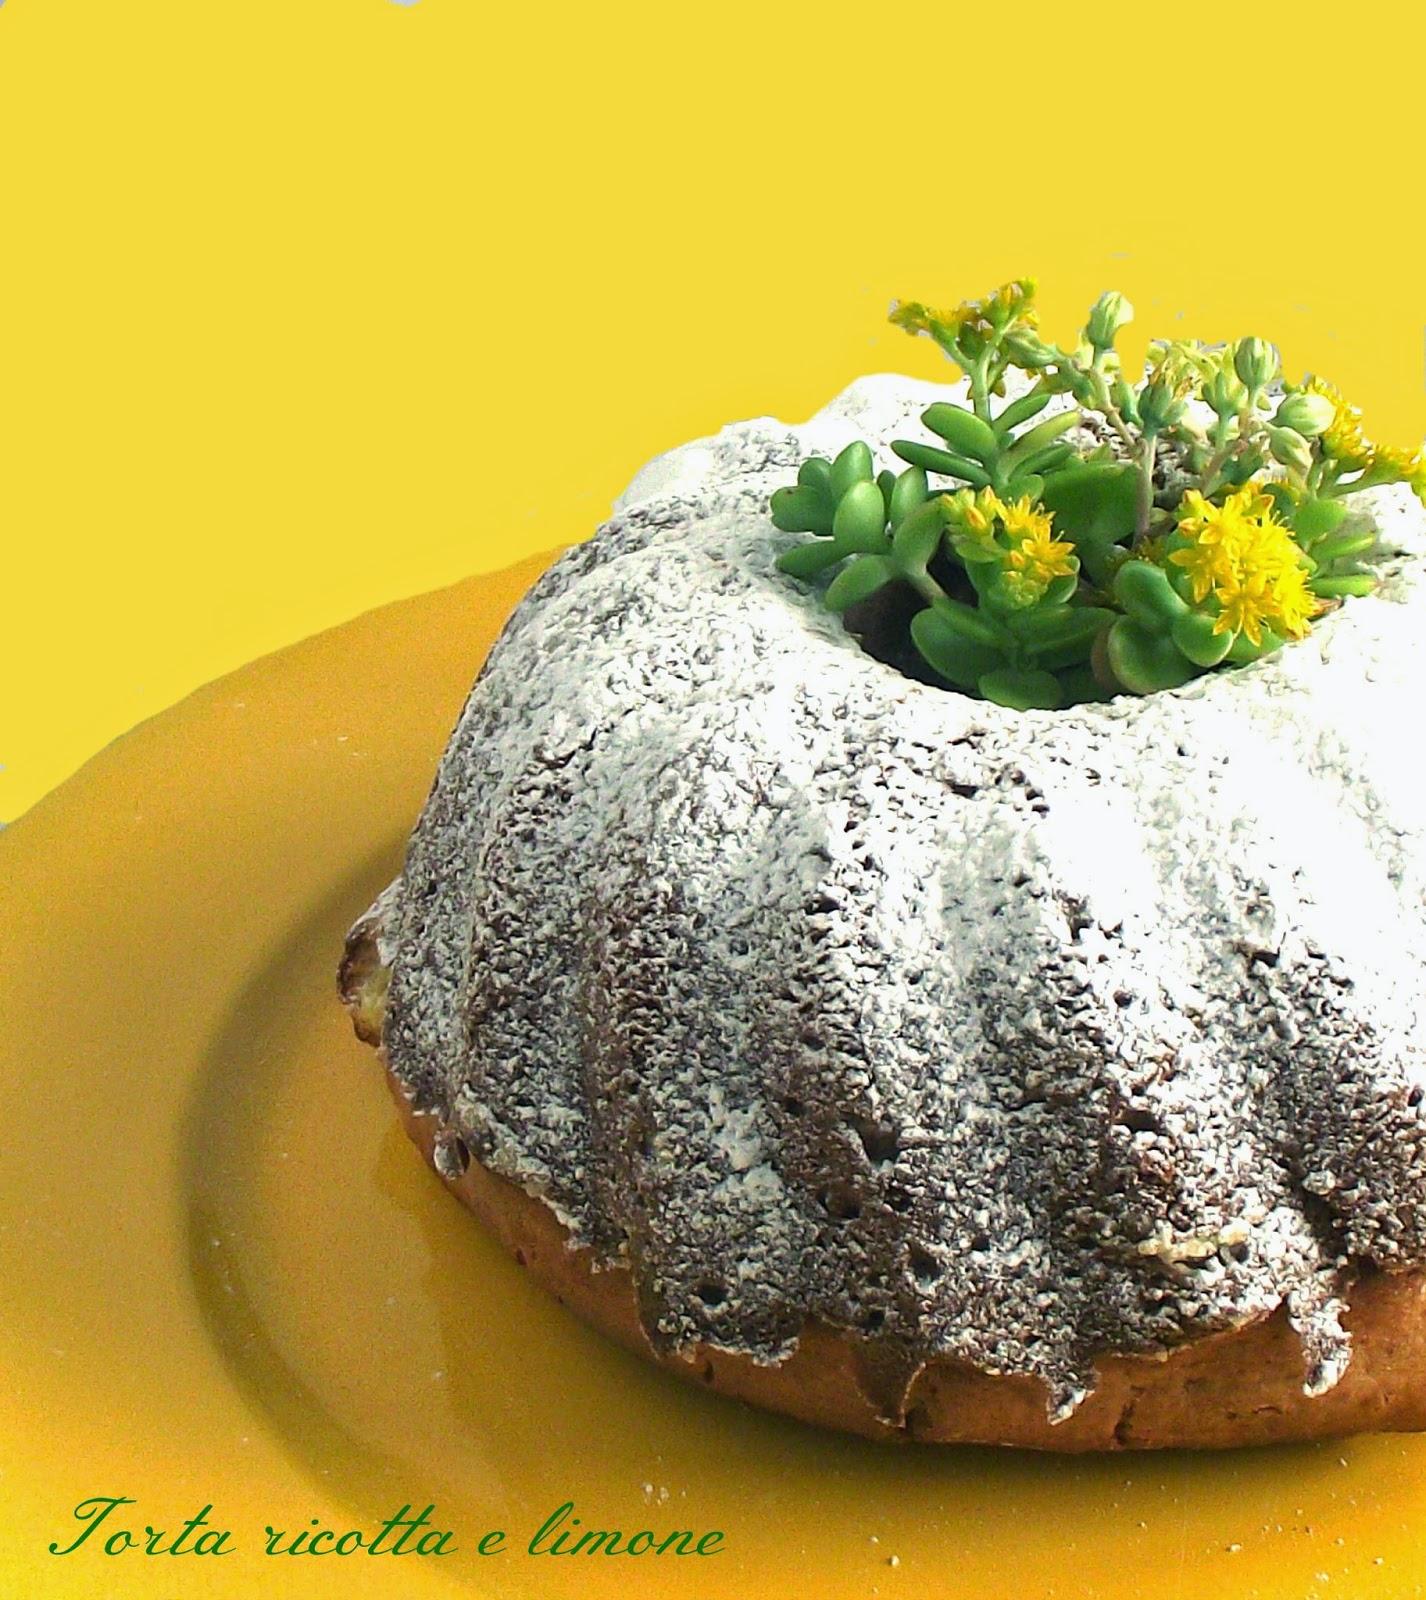 la torta ricotta e limone e un acido omicidio